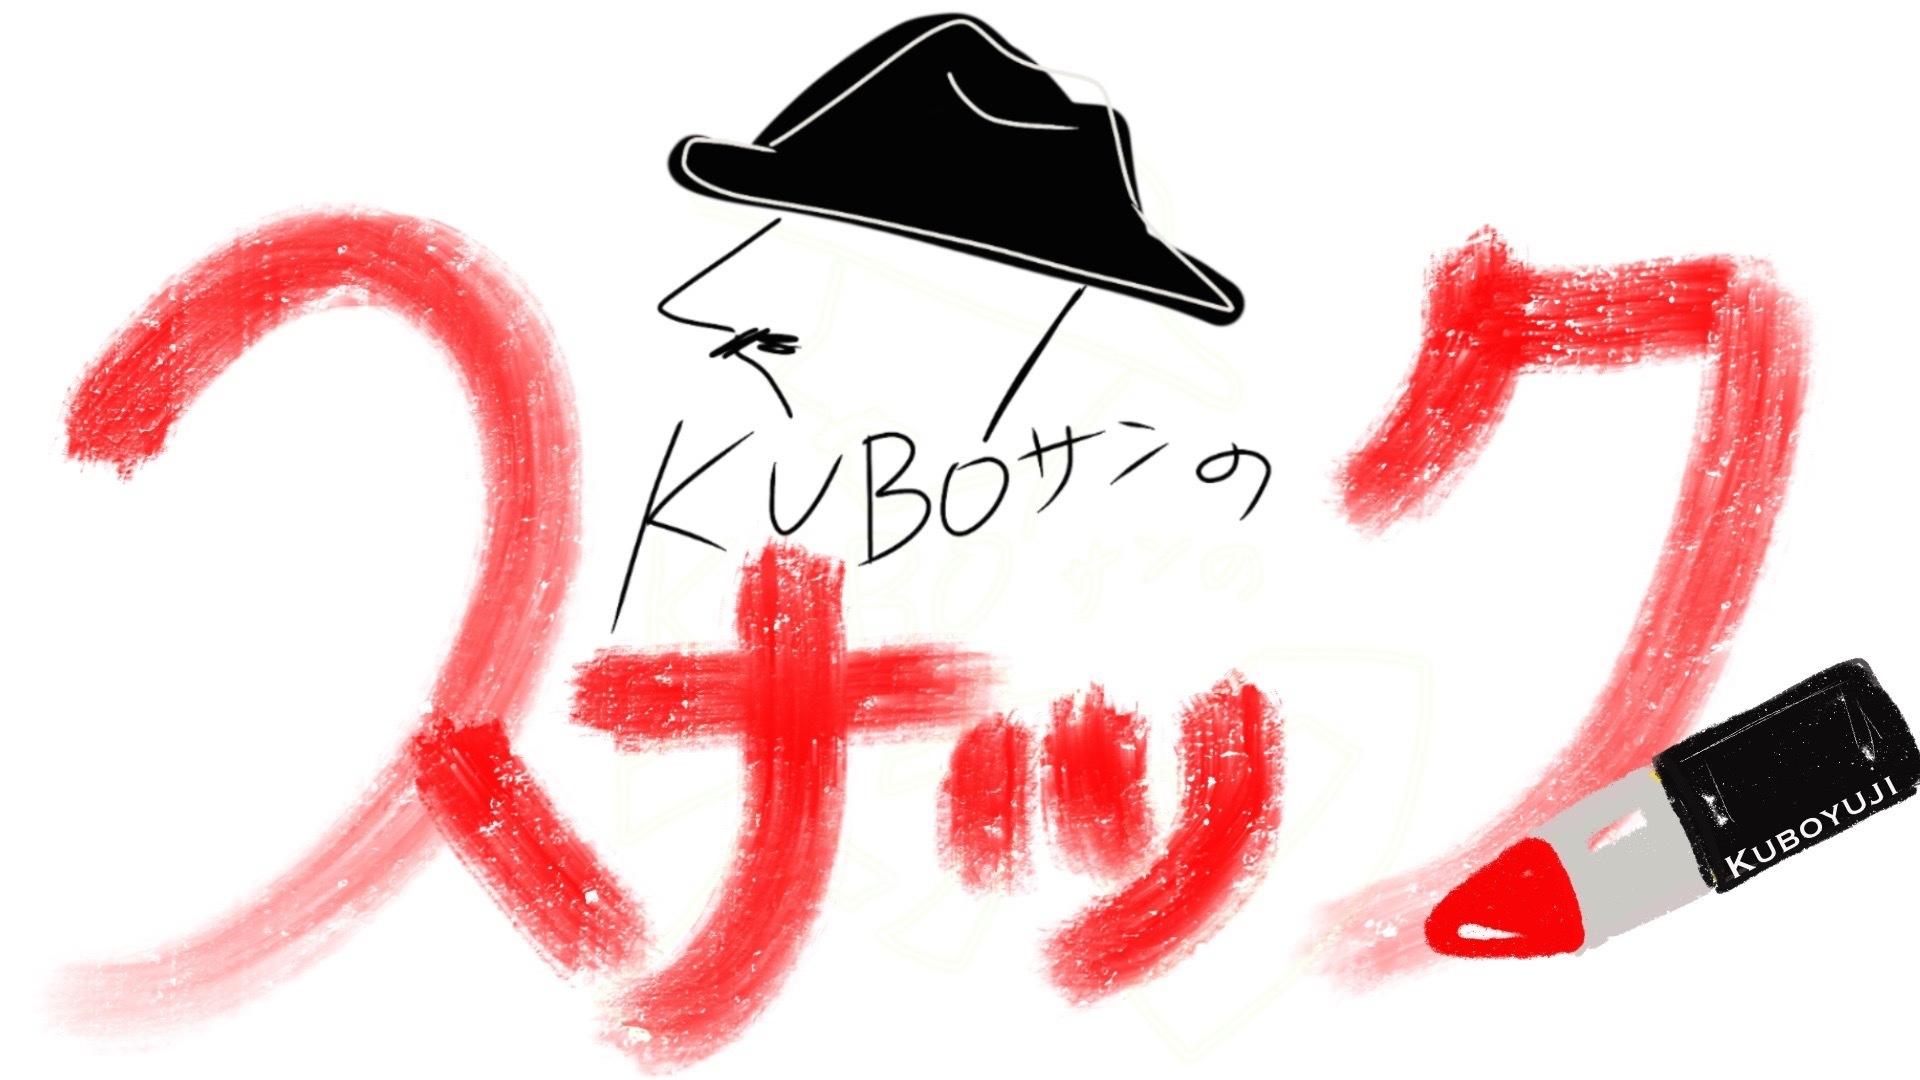 久保雄司 - kuboさんのスナック - DMM オンラインサロン